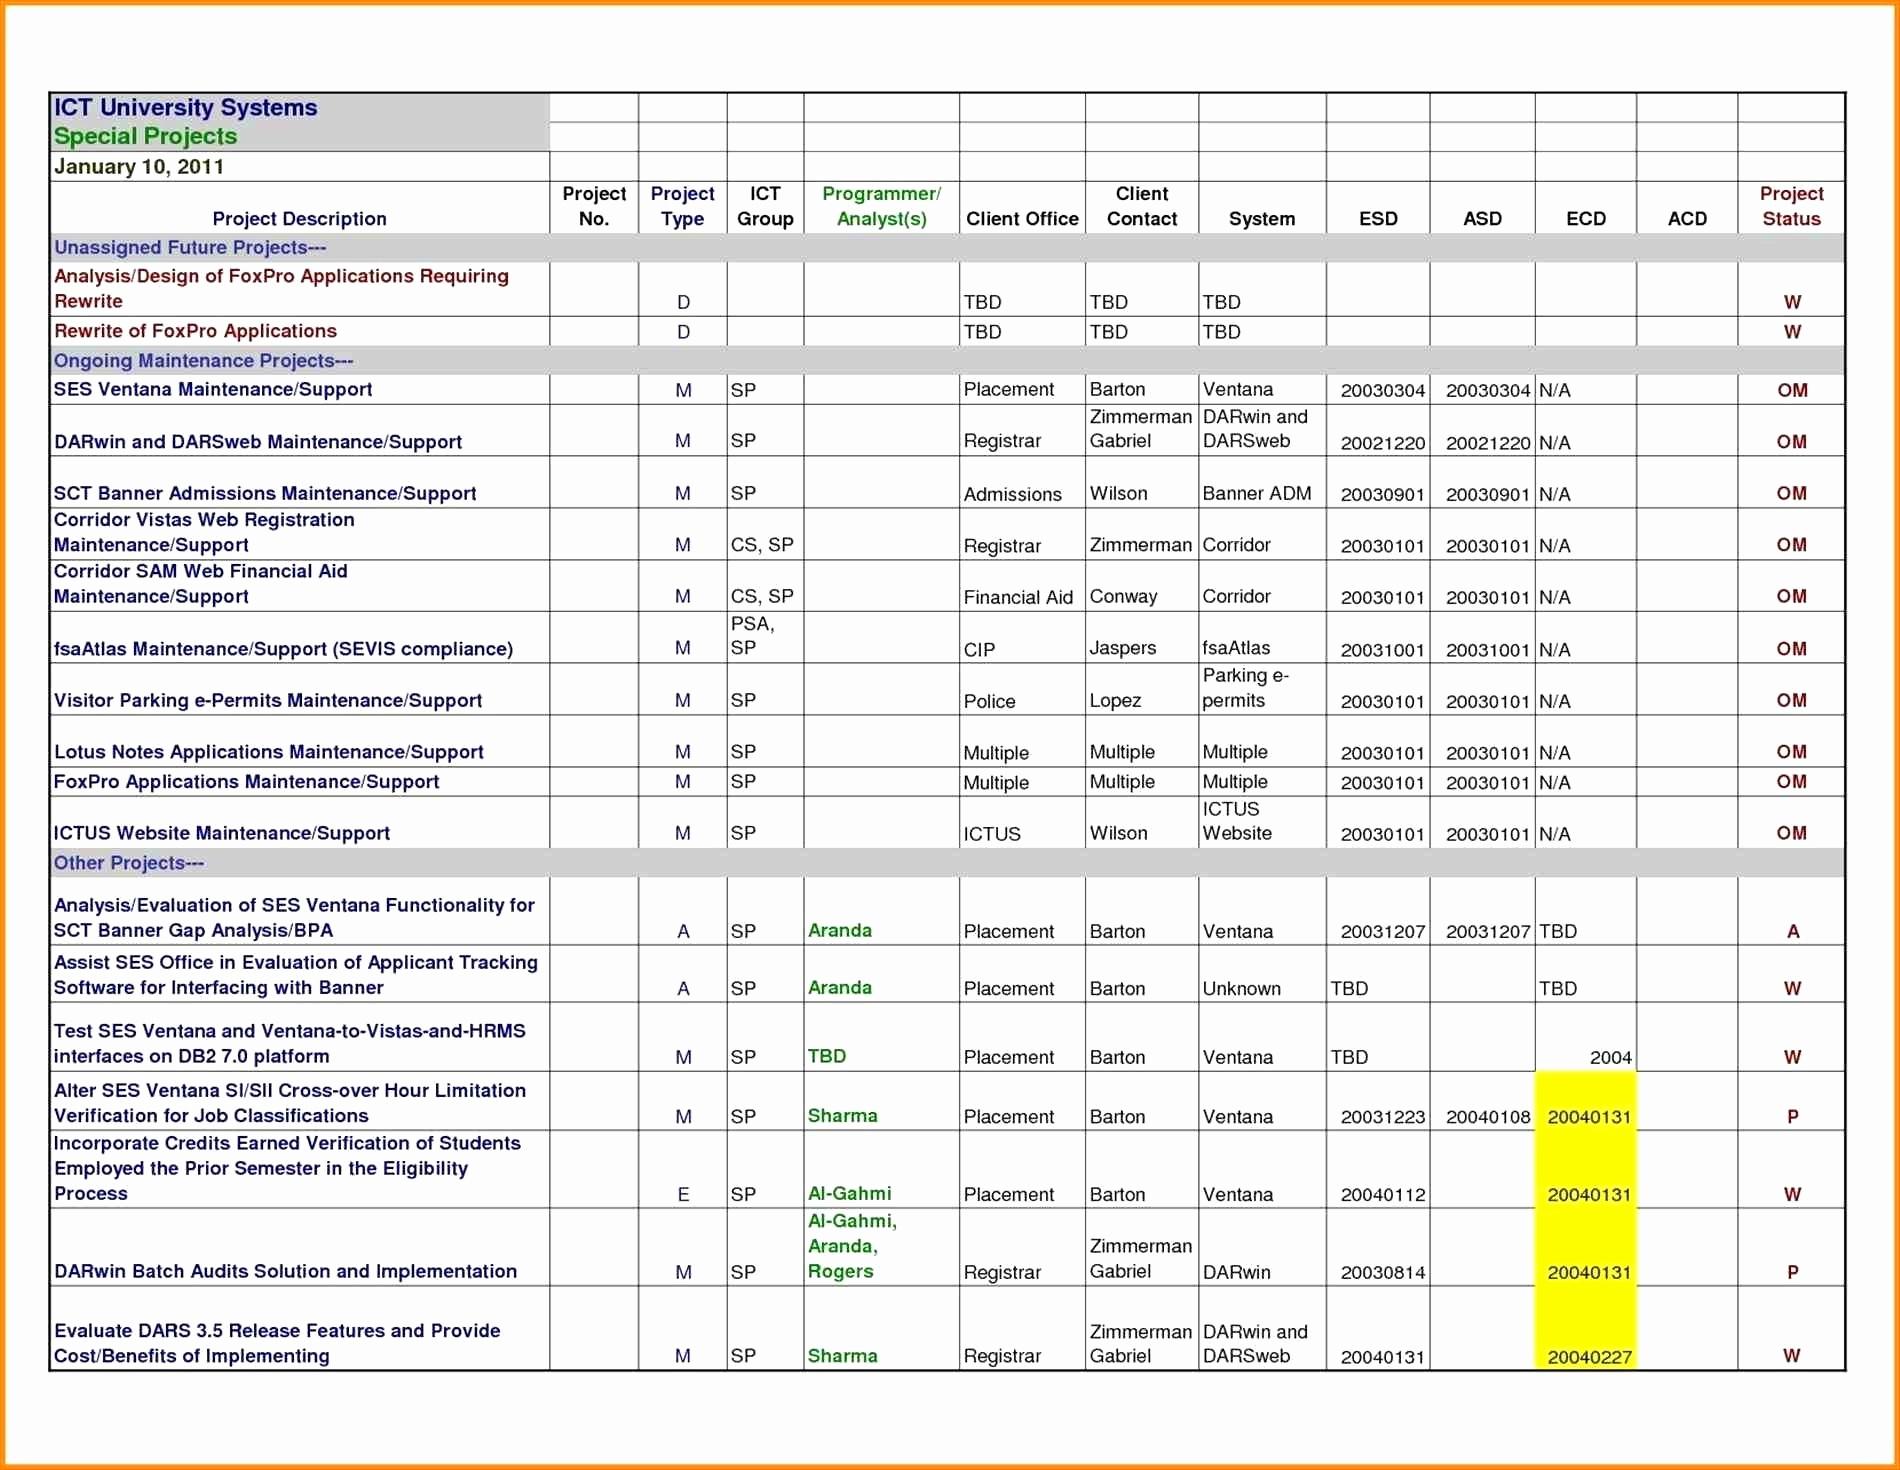 Ebay Spreadsheet Template Uk For Ebay Spreadsheet Template Uk – Spreadsheet Collections